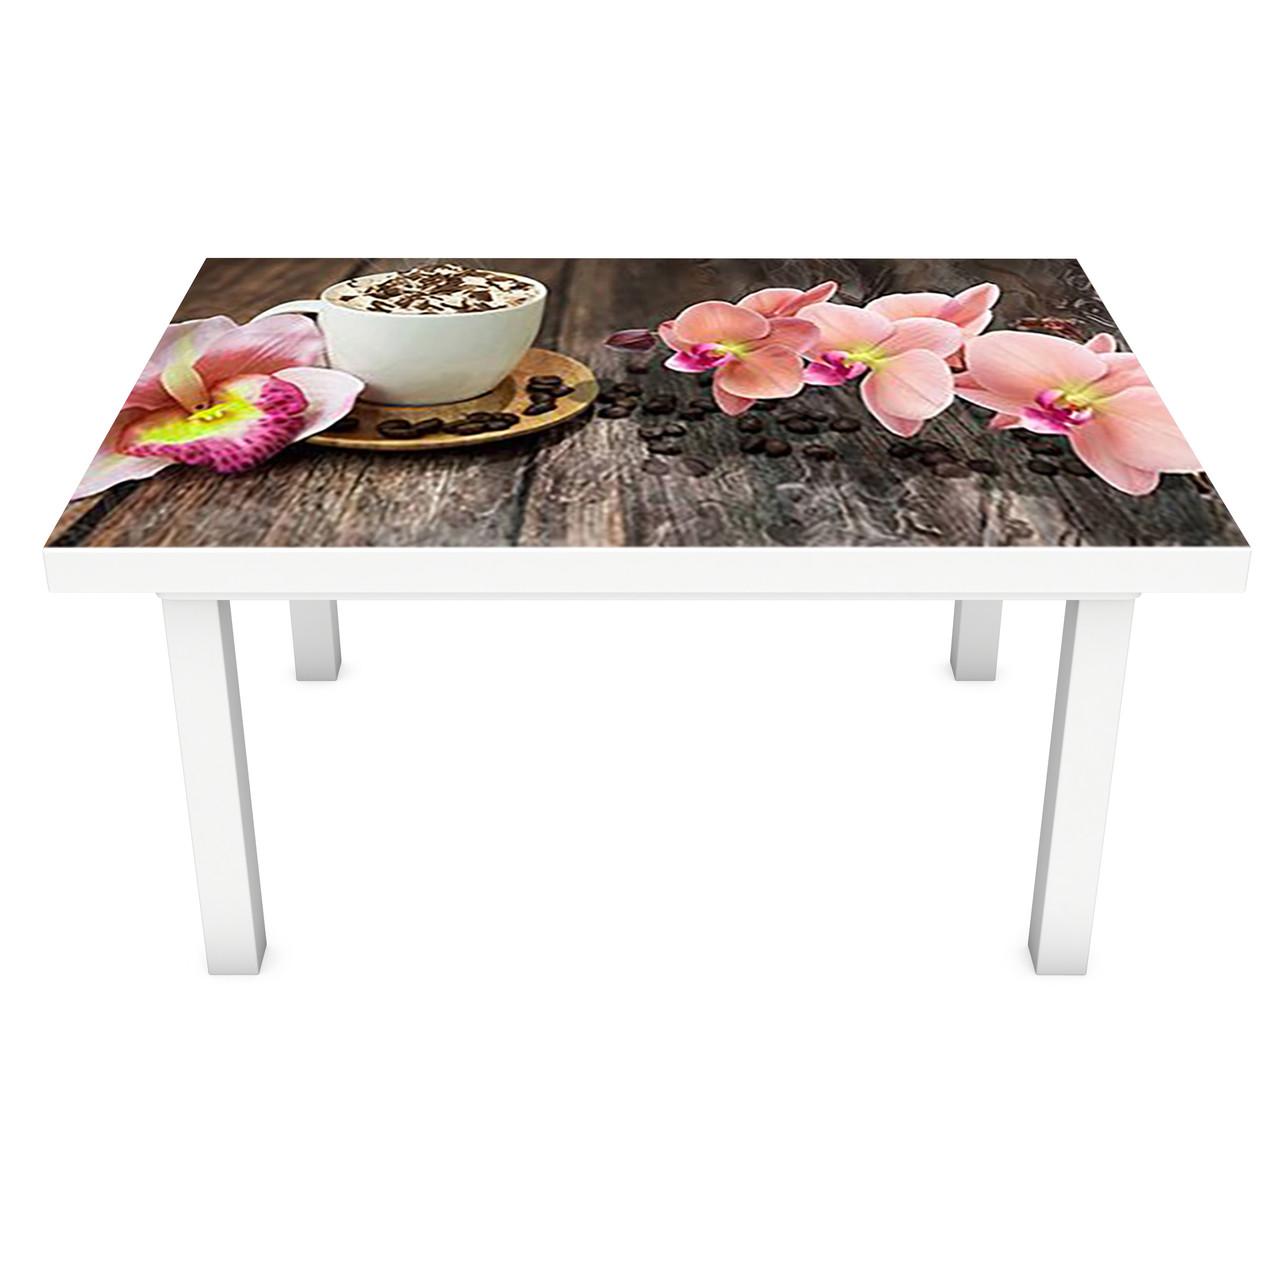 Наклейка на стіл вінілова Орхідеї і Солодощі 02 ПВХ плівка для меблів інтер'єрна 3D дошки кави 600*1200 мм